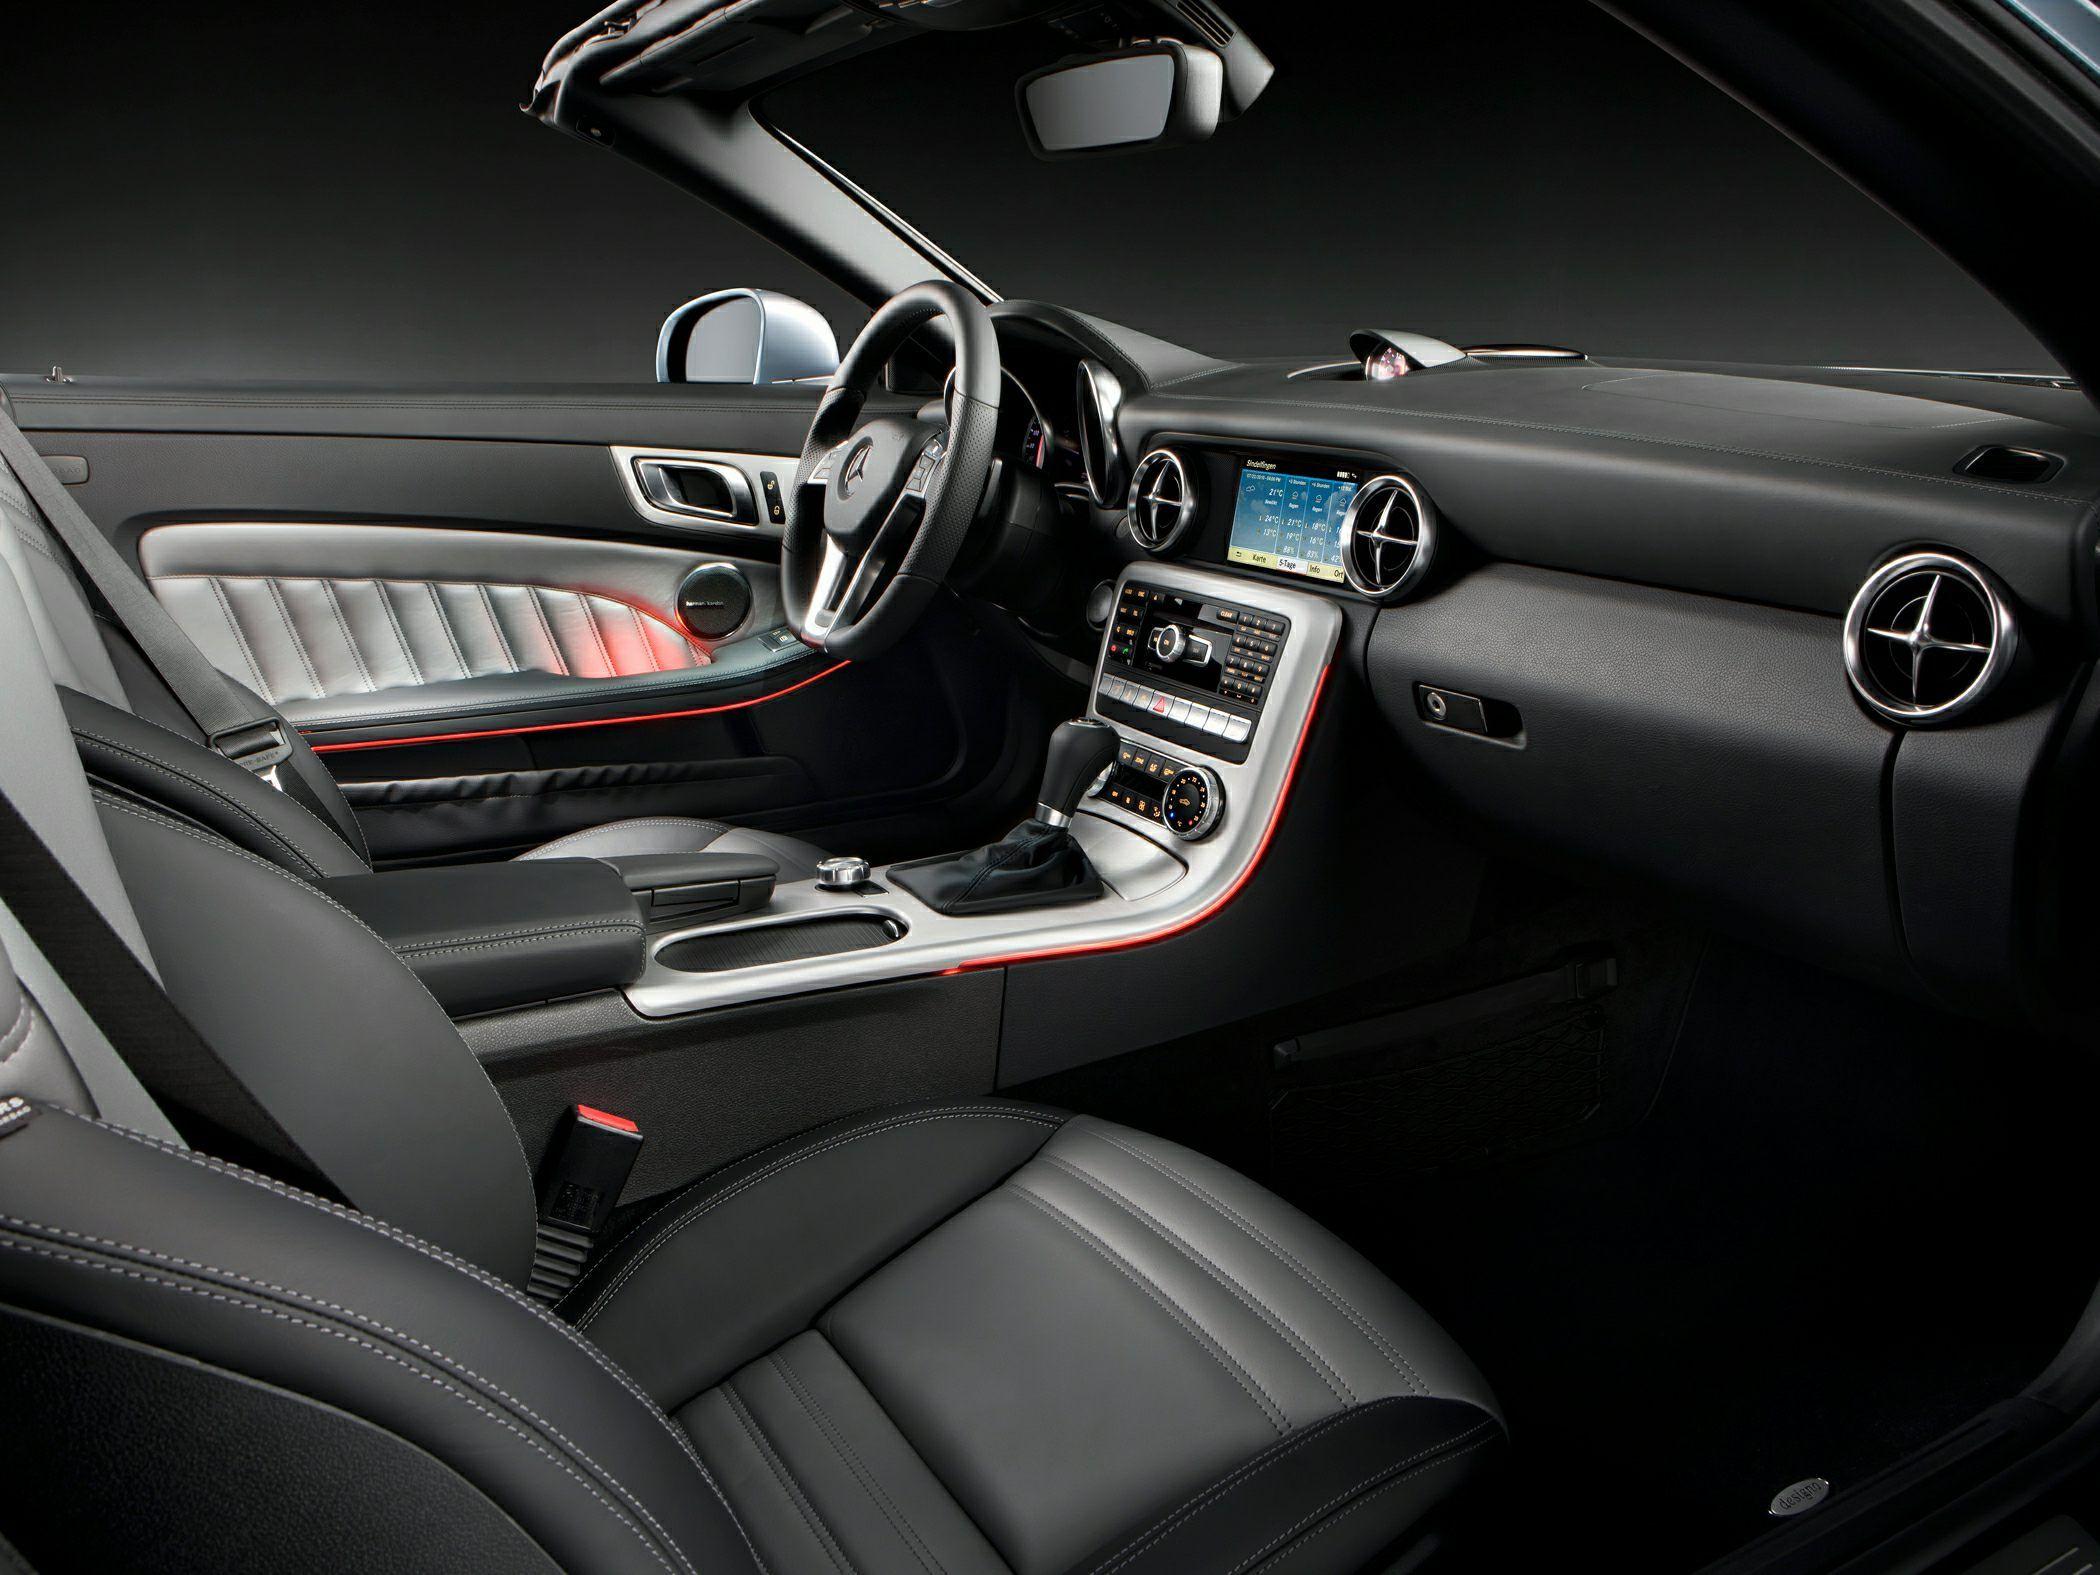 Mercedes Benz Slk Class Convertible Base Slk250 2dr Roadster